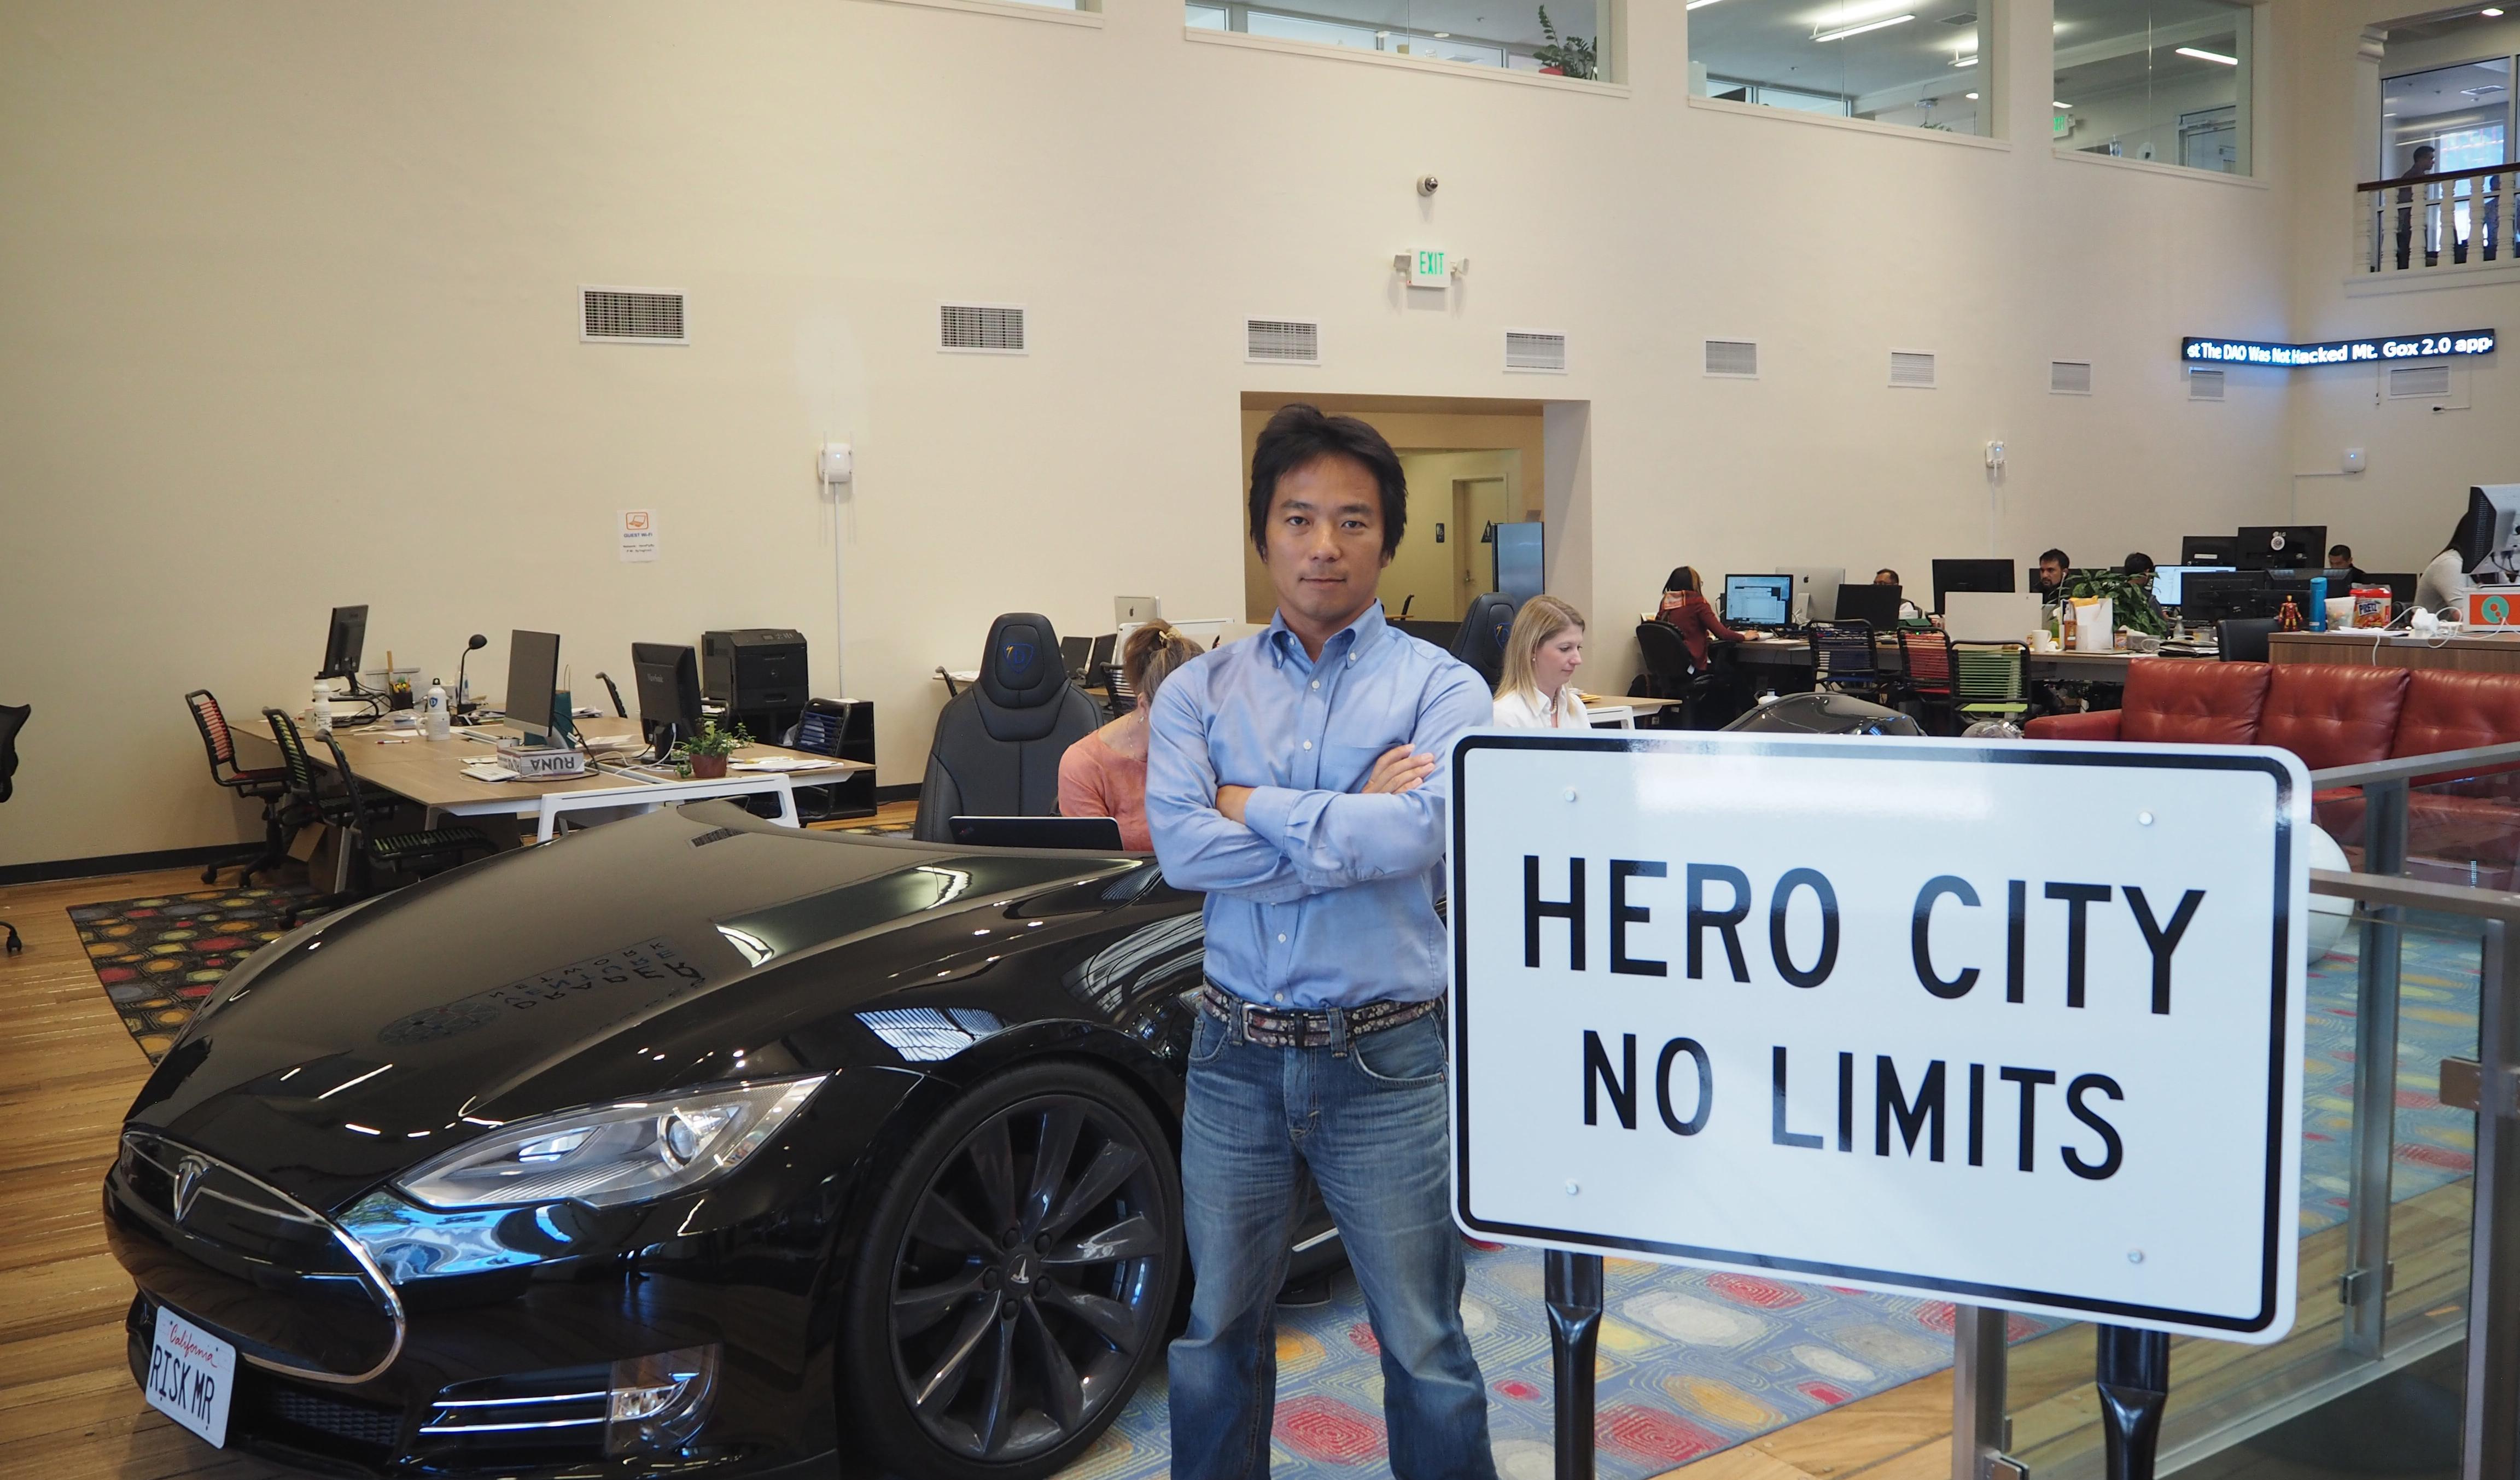 シリコンバレーの日本人投資家が語る、有望なスタートアップへの投資方法